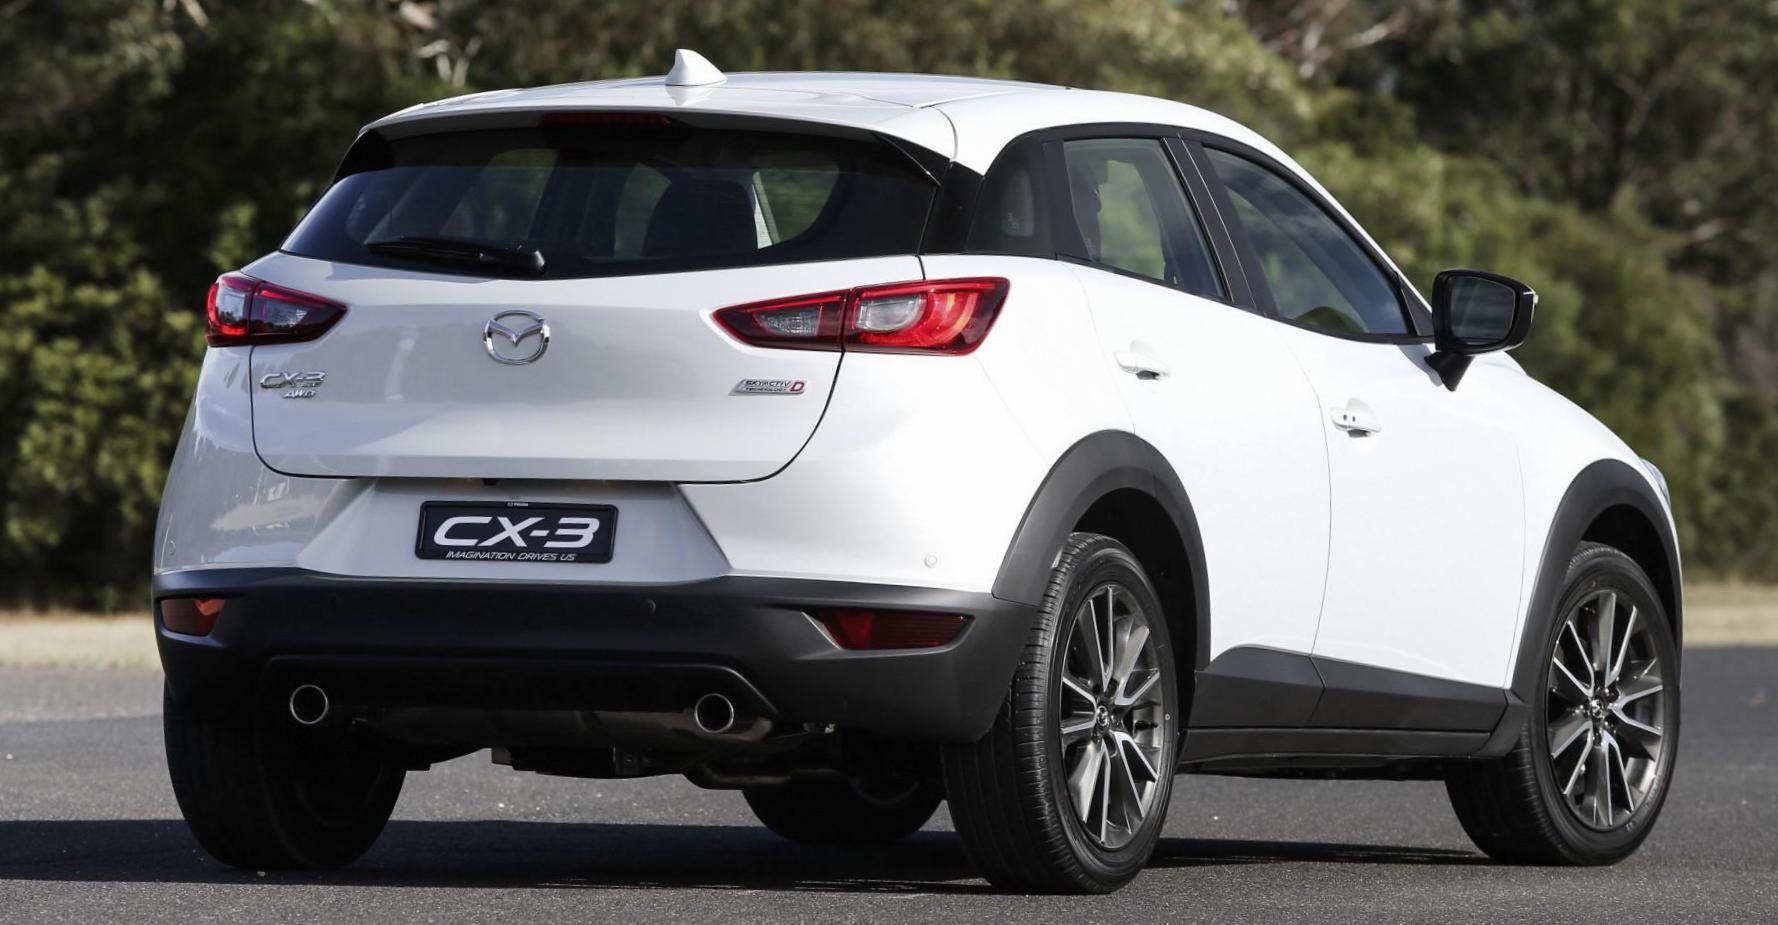 CX-3 Mazda reviews - http://autotras.com